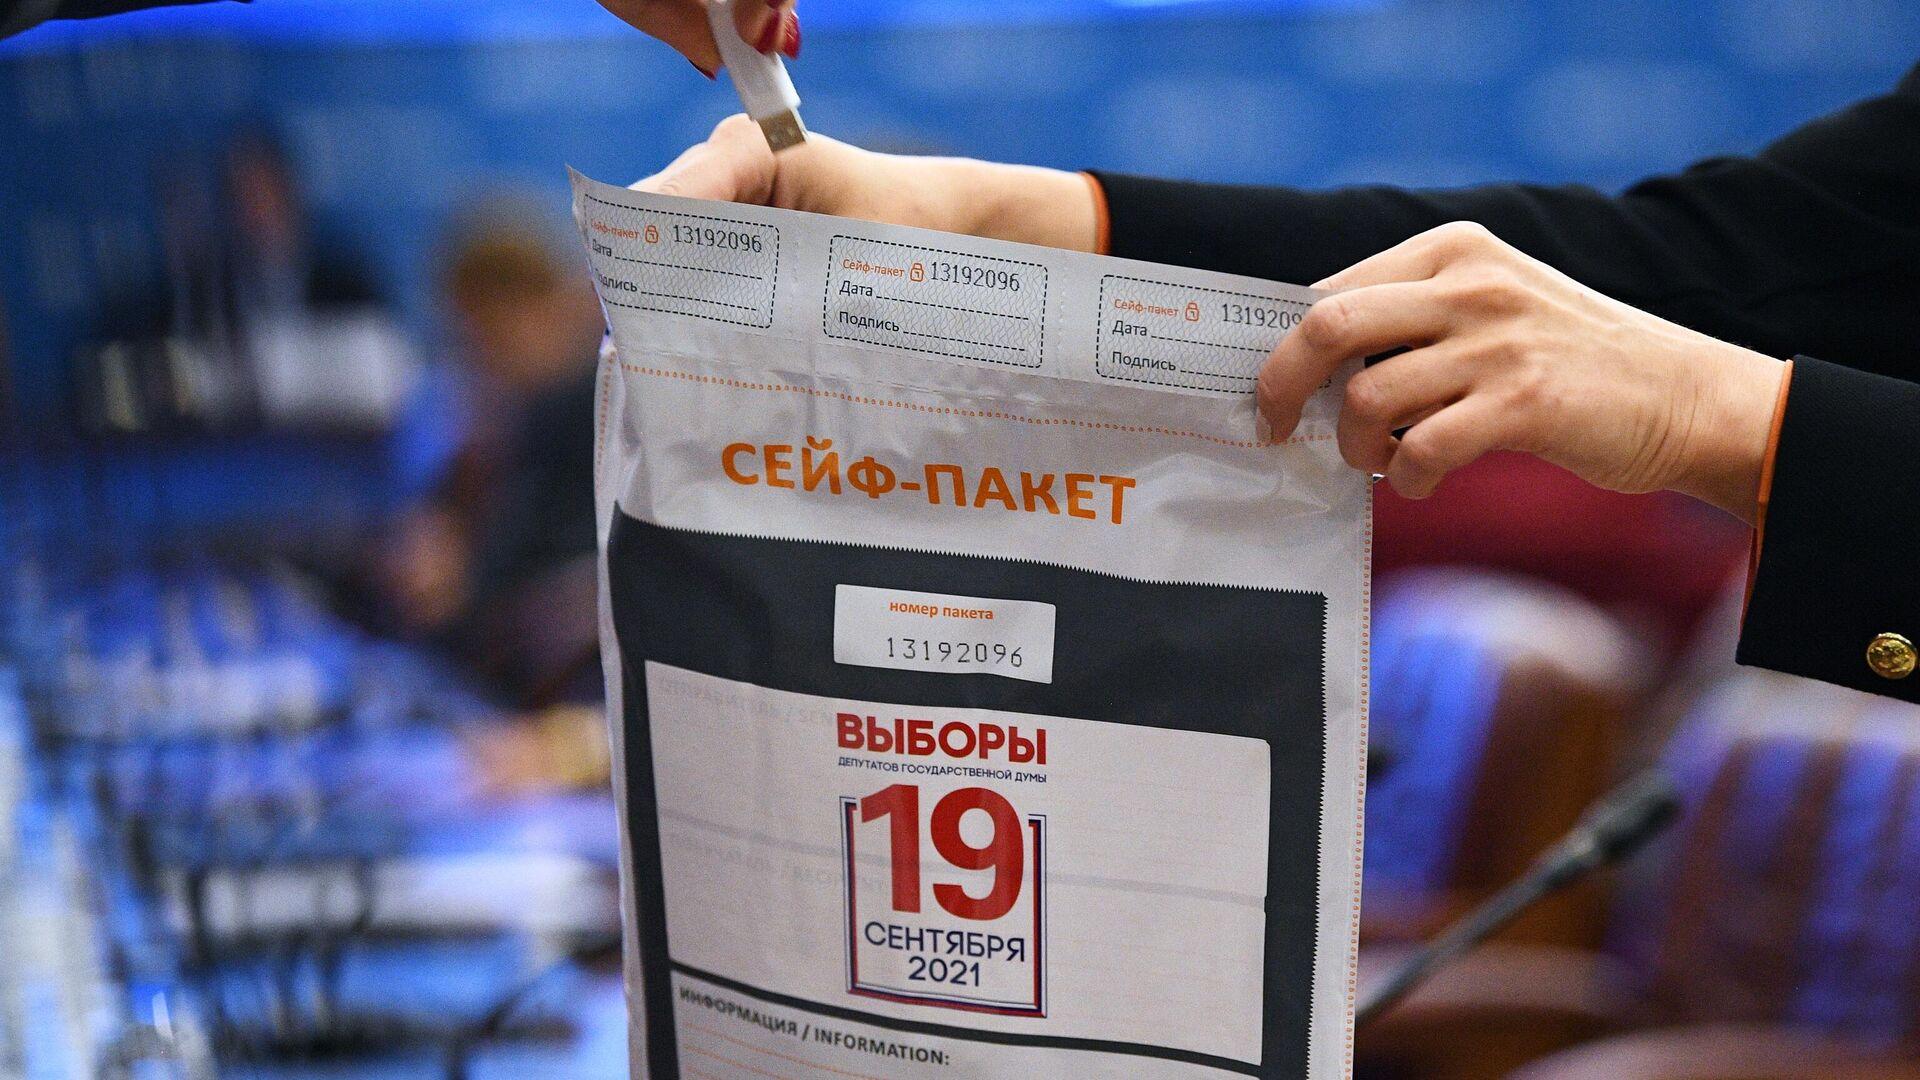 Демонстрация подготовки к дистанционному электронному голосованию - РИА Новости, 1920, 18.09.2021